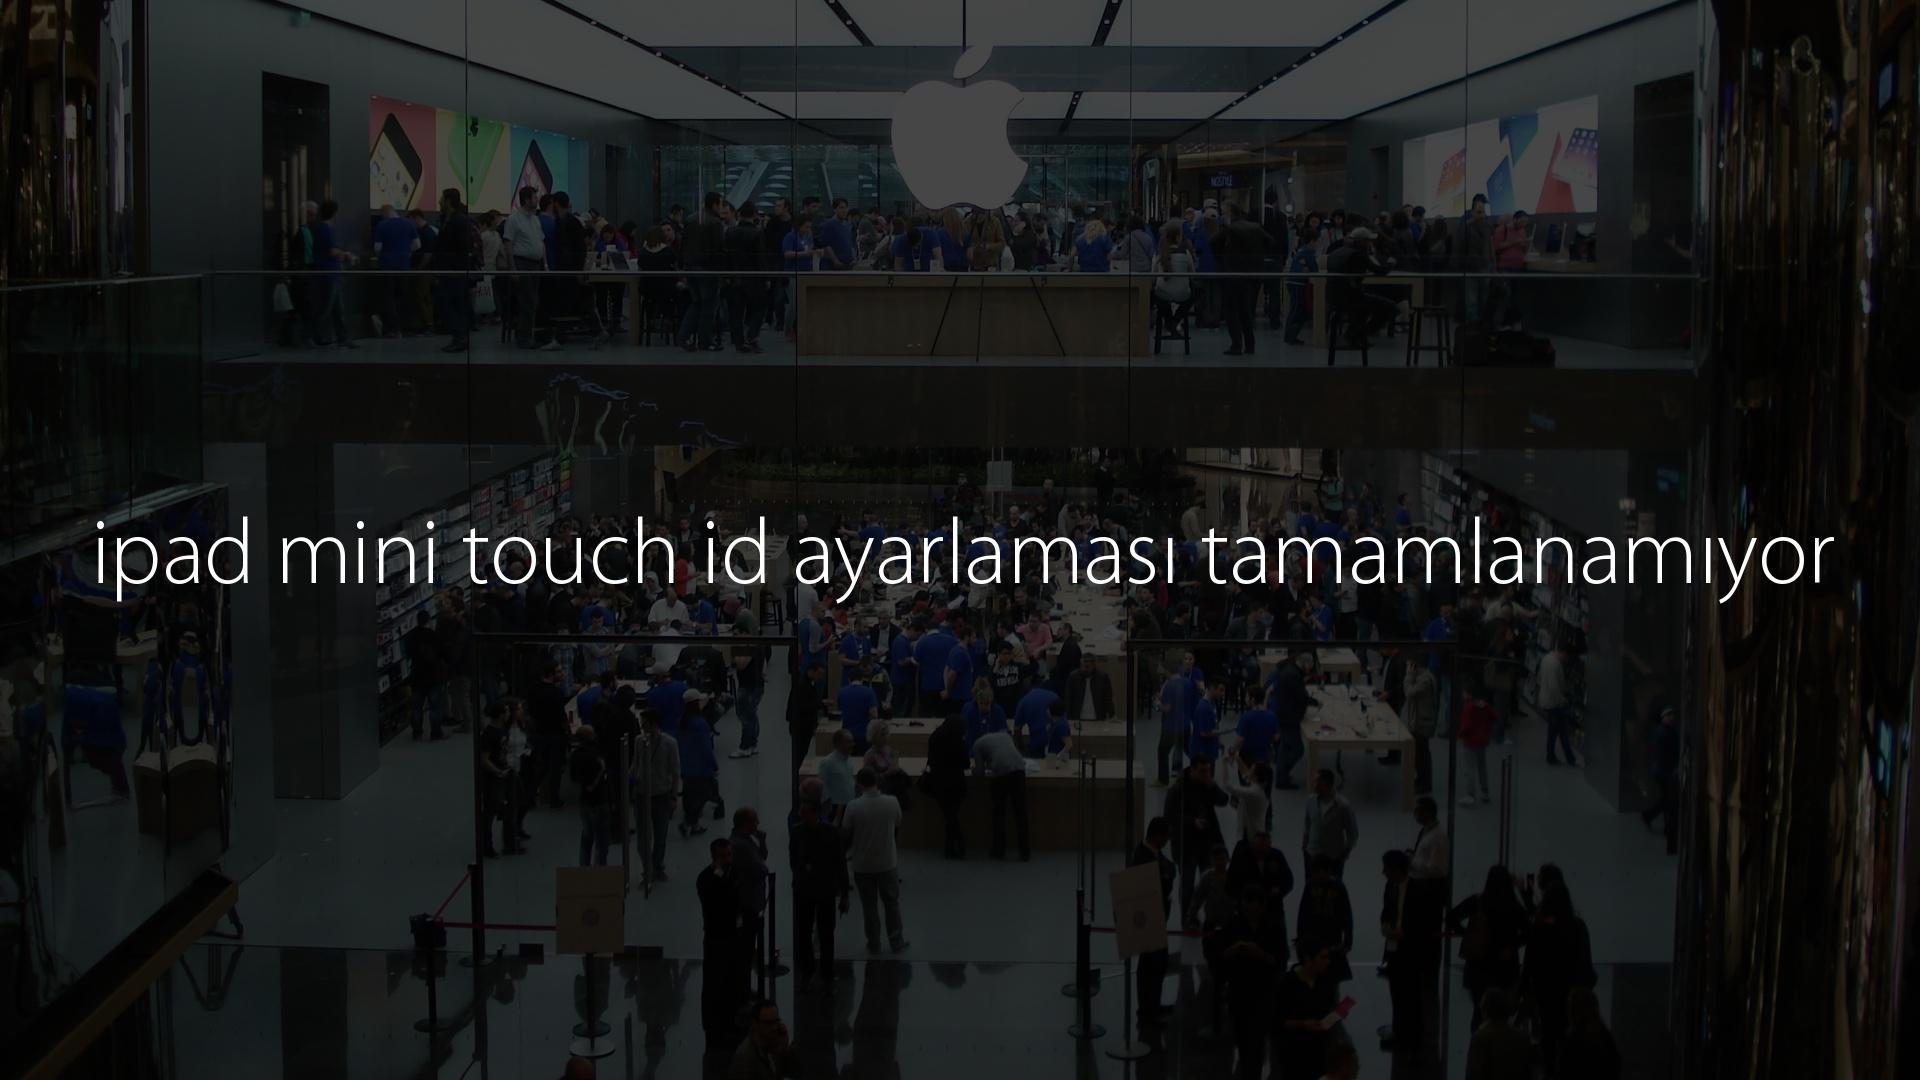 ipad mini touch id ayarlaması tamamlanamıyor